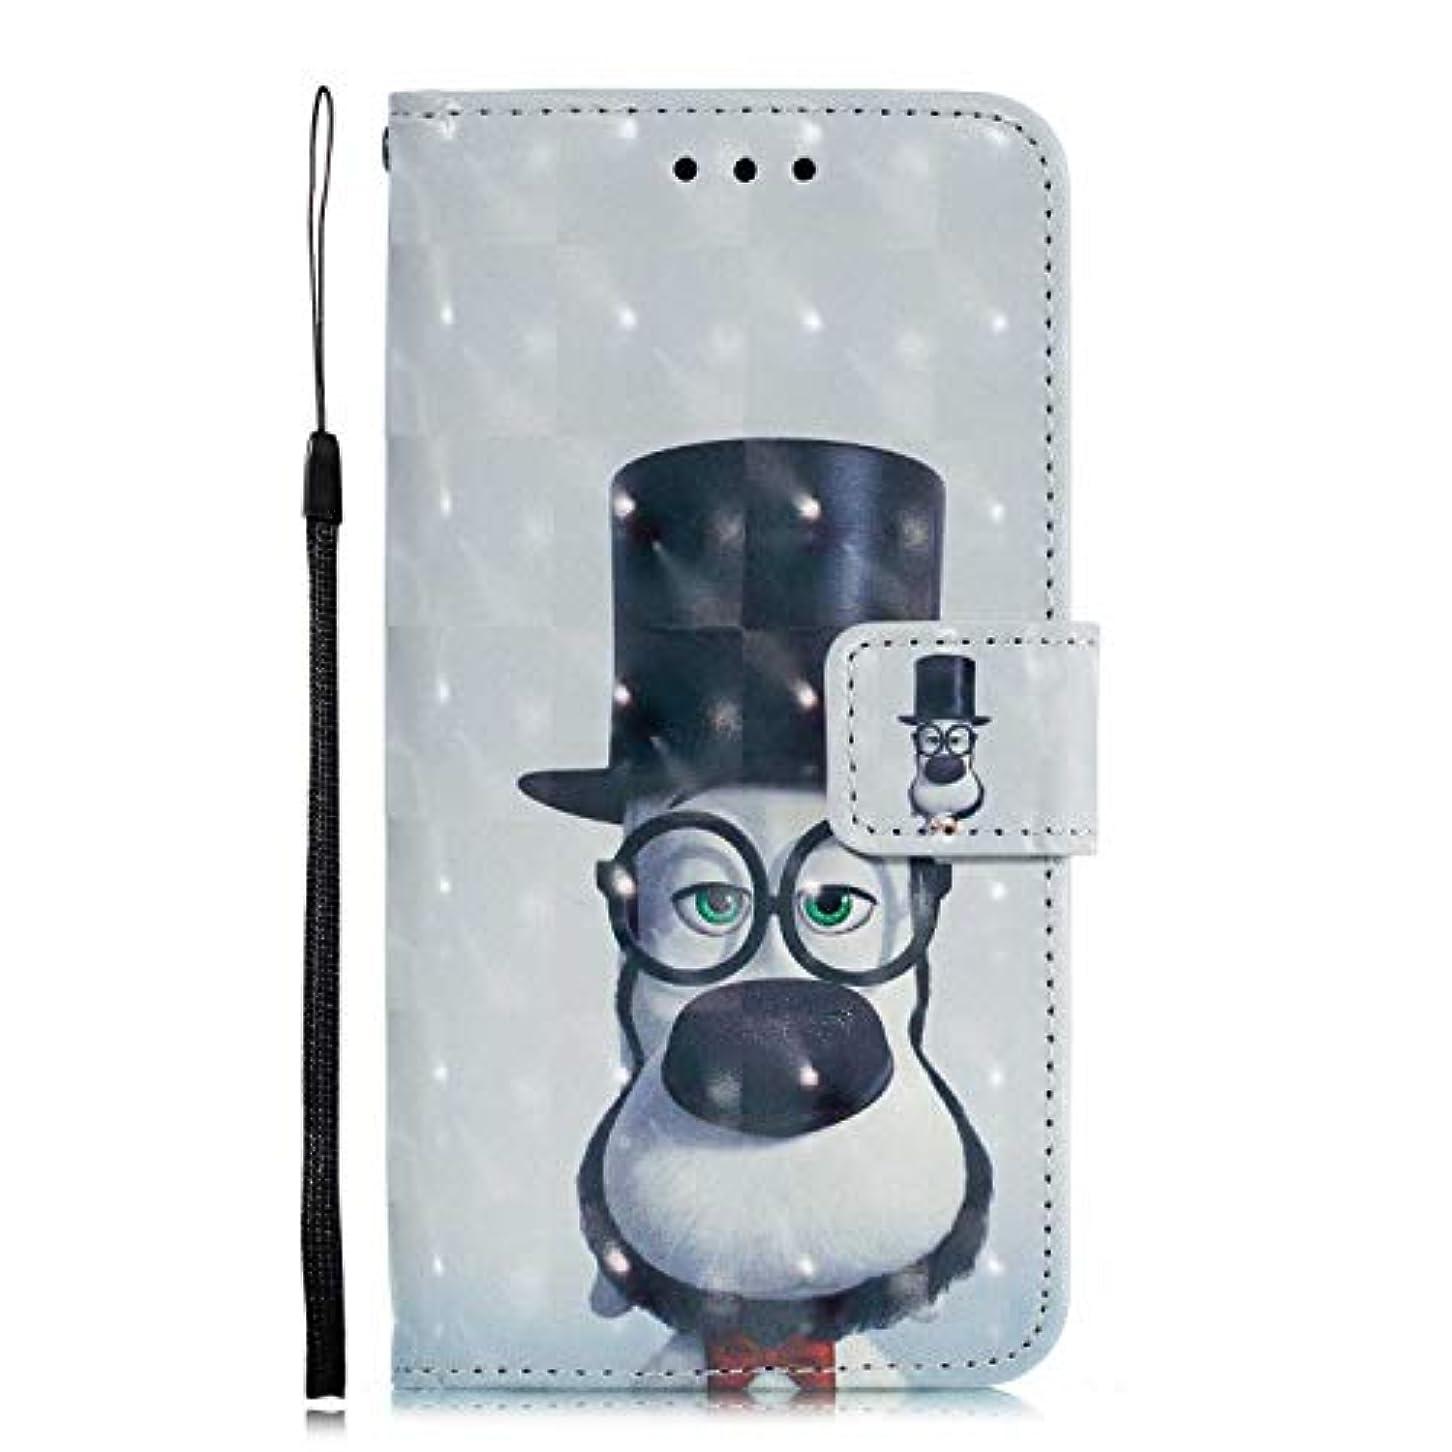 シネマ白菜恐ろしいですOMATENTI Galaxy S9 ケース, ファッション良質 PU レザー 財布型 ケース 薄型 人気 新製品 衝撃吸収 全面保護 スマホケース, 付きスタンド機能, カードホルダー機能 ストラップ付き Galaxy S9 用 Case Cover, 犬